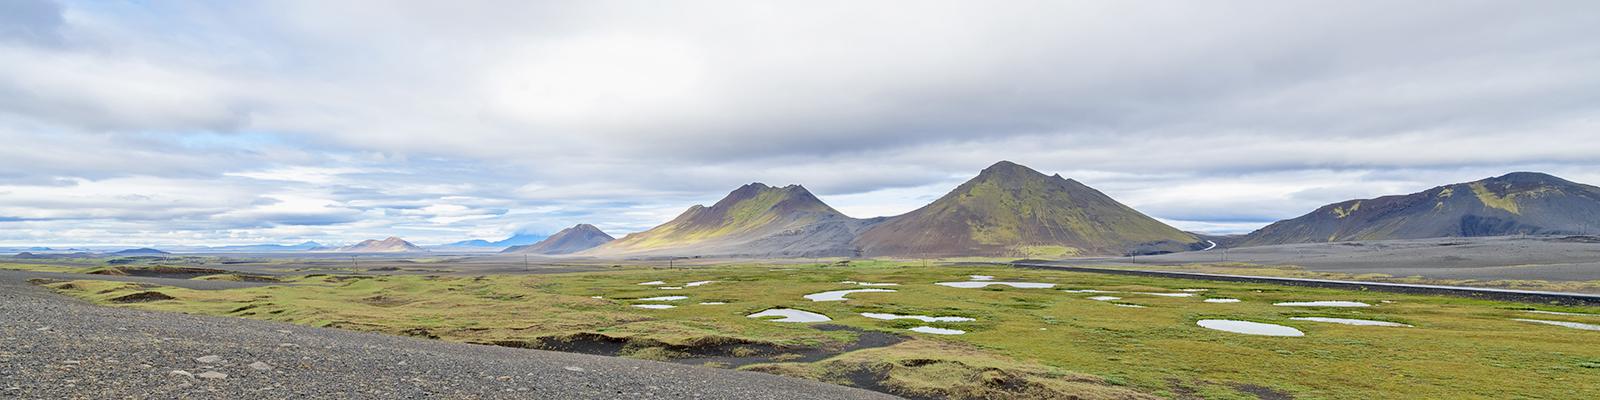 20180714 IS Am Fluss Skarðsá Ausschnitt V1 1600x400Px SCB2159